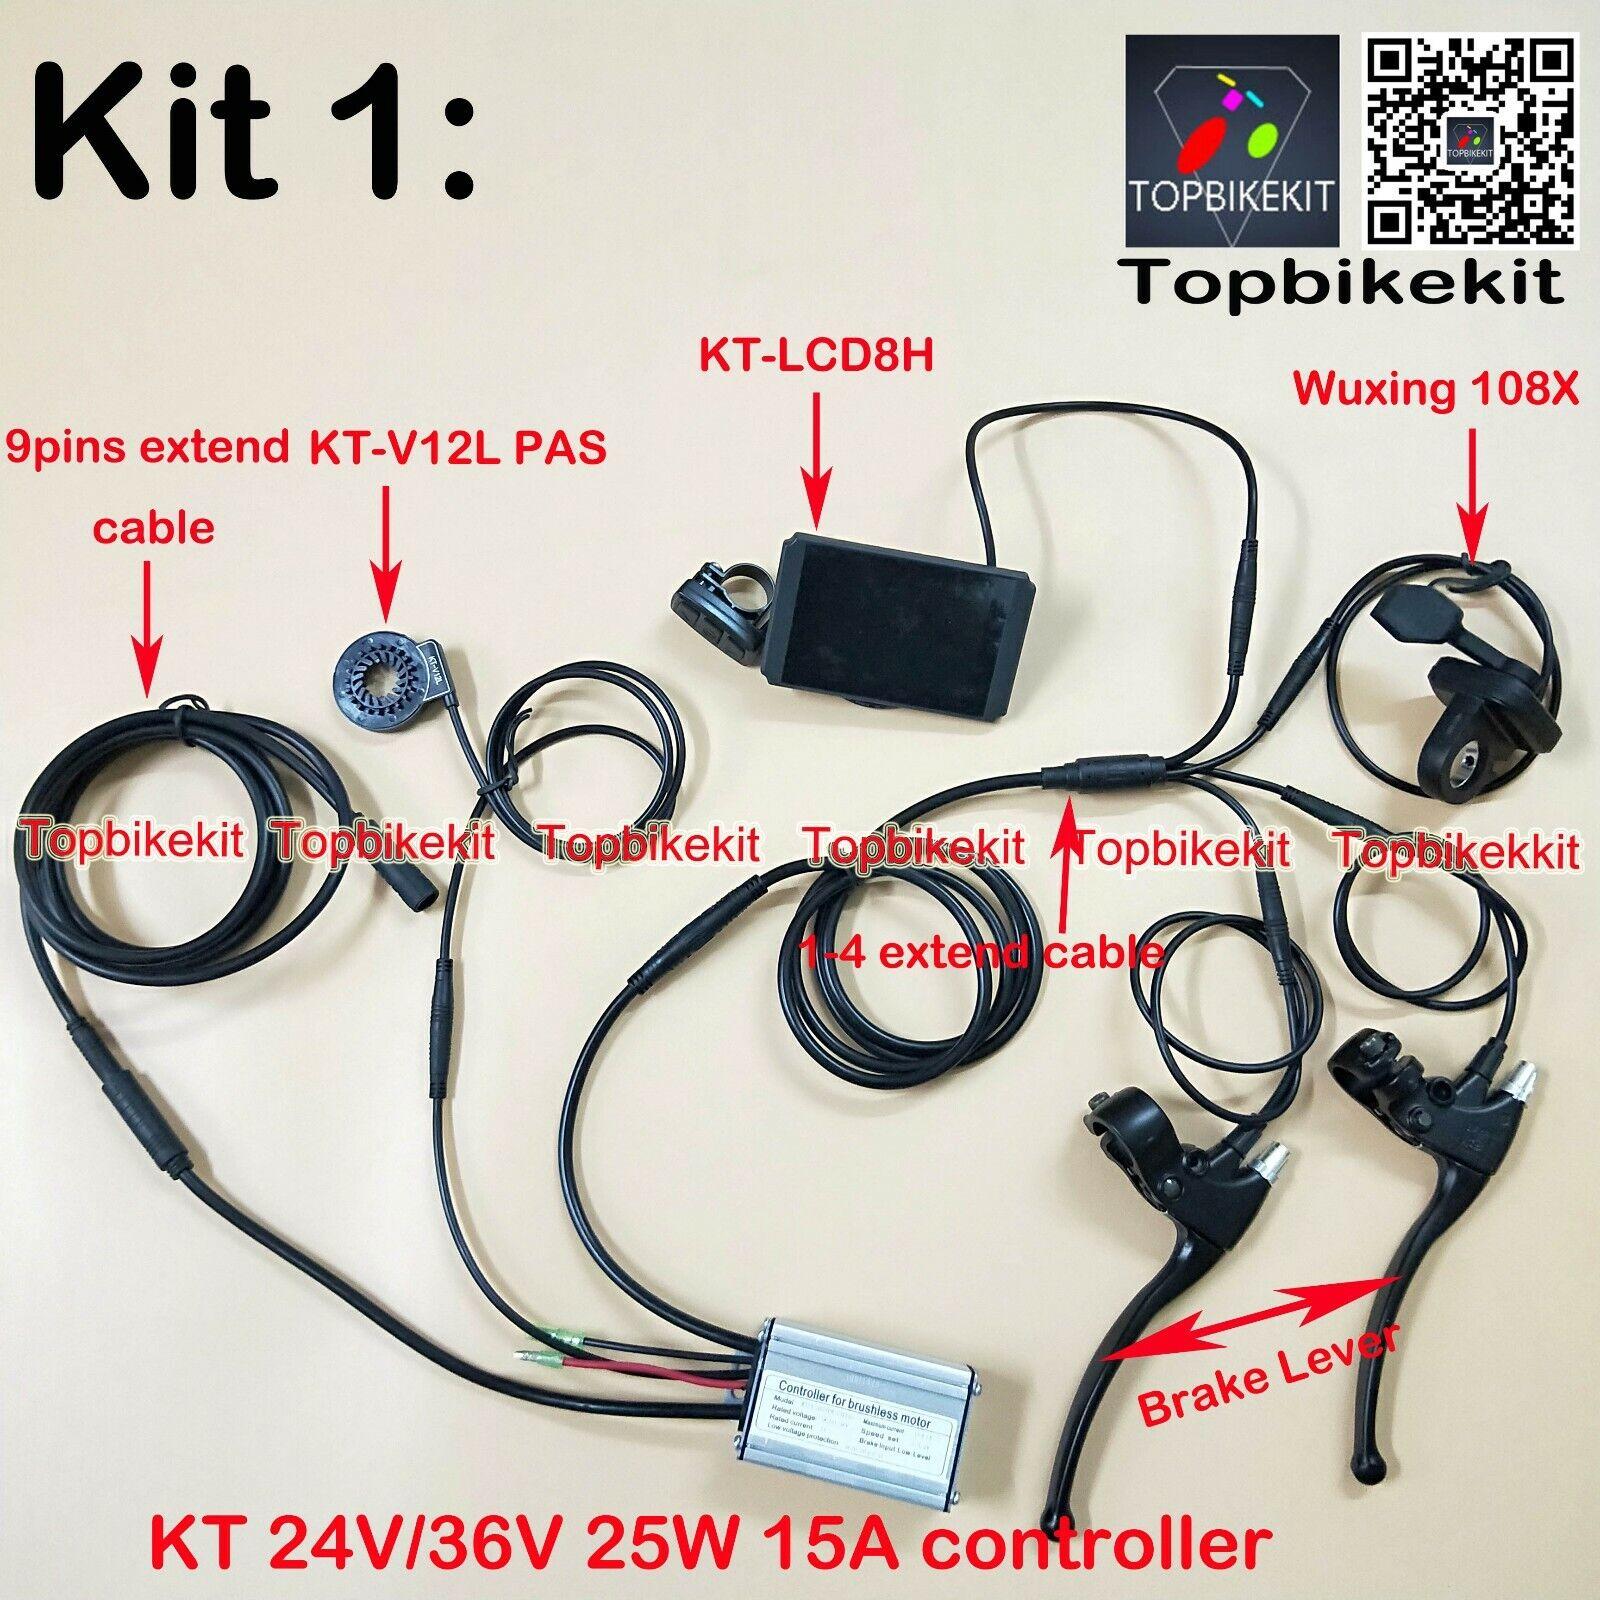 Ebike KT Controller Kit 24V 36V 250W + LCD3+108X thredtle+KT-V12L+Brake+ extend